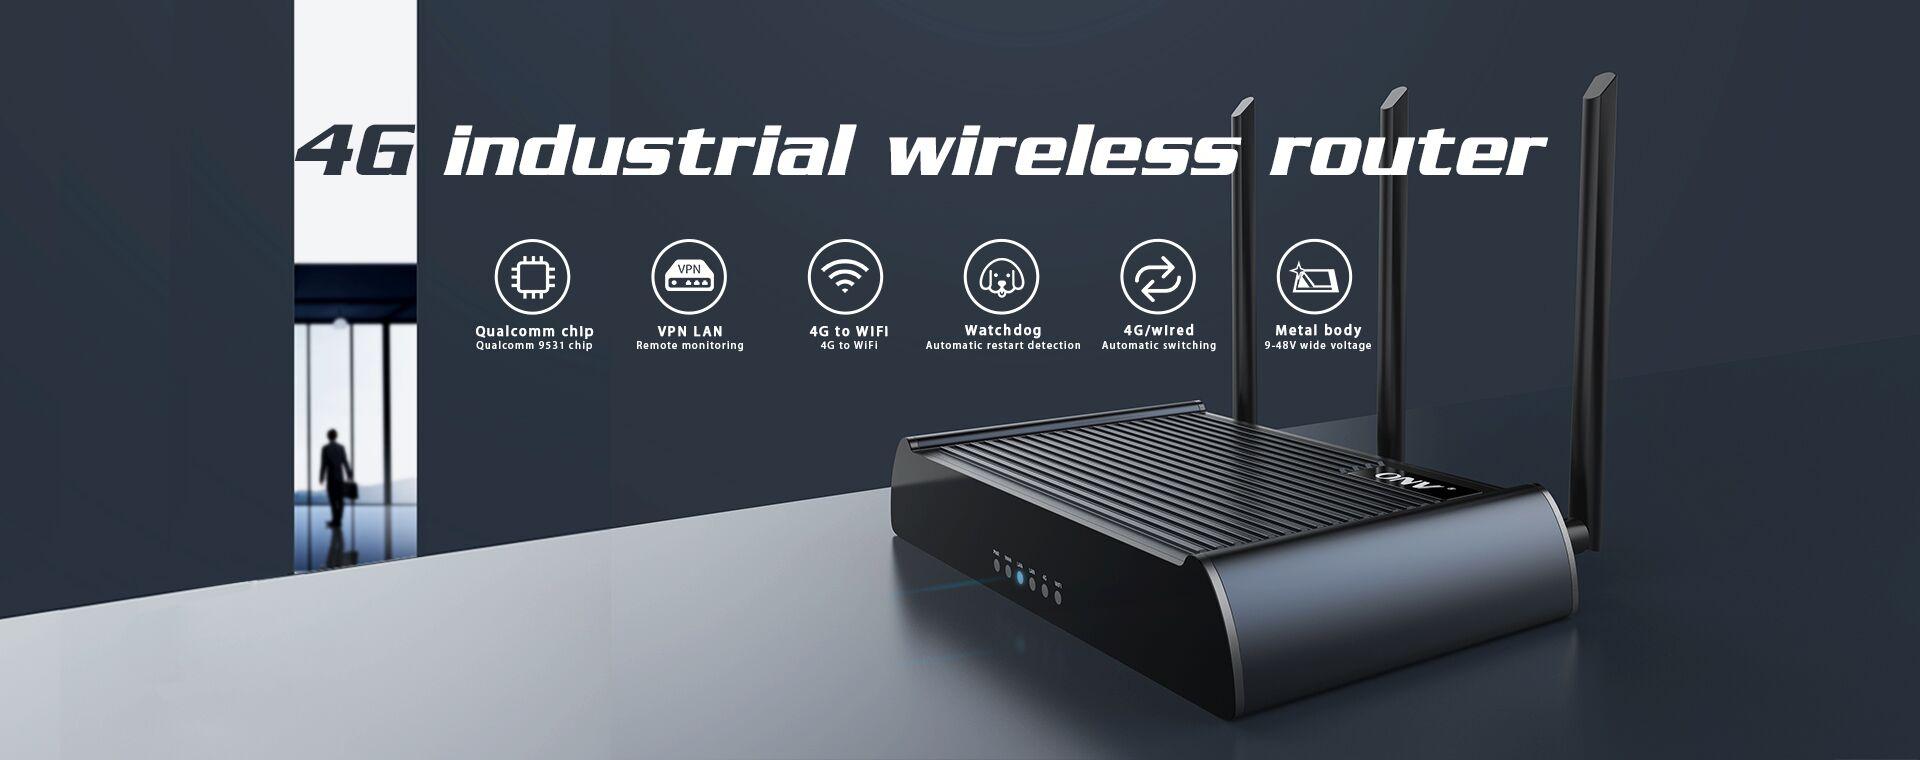 PoE switch-Industrial PoE switch-Fiber media converter-Wireless ...